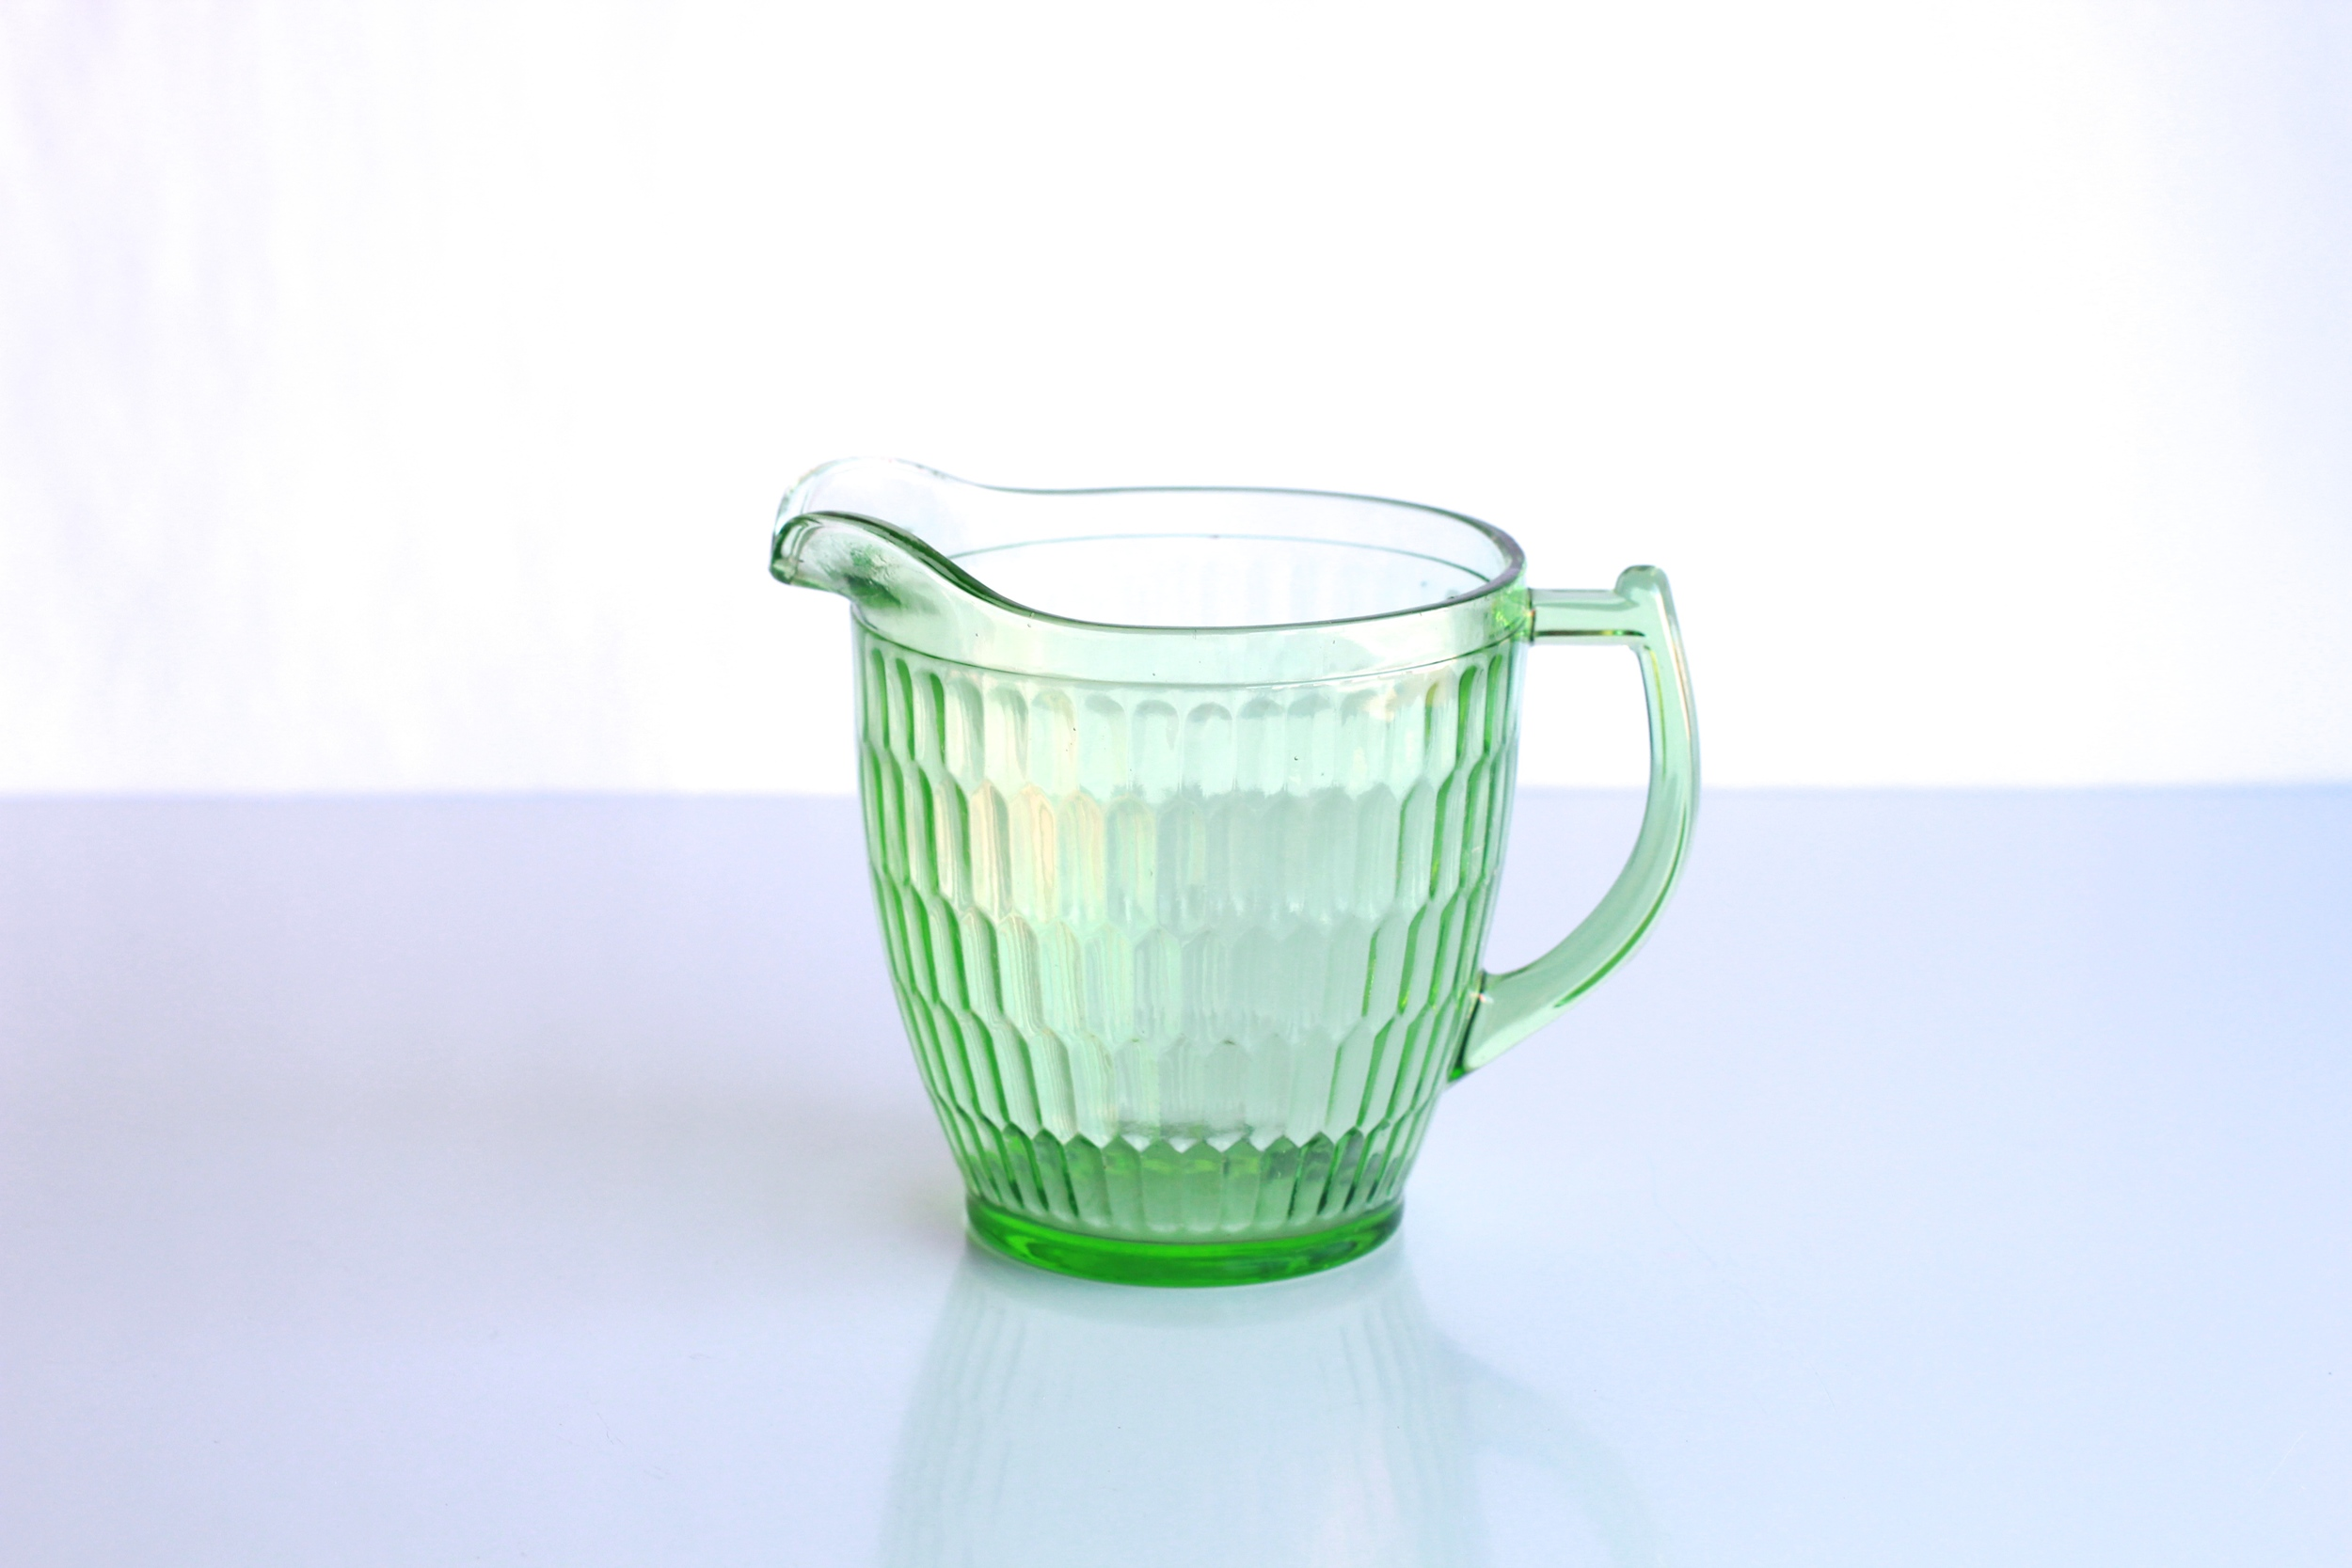 Green Vasoline Glass Pitcher